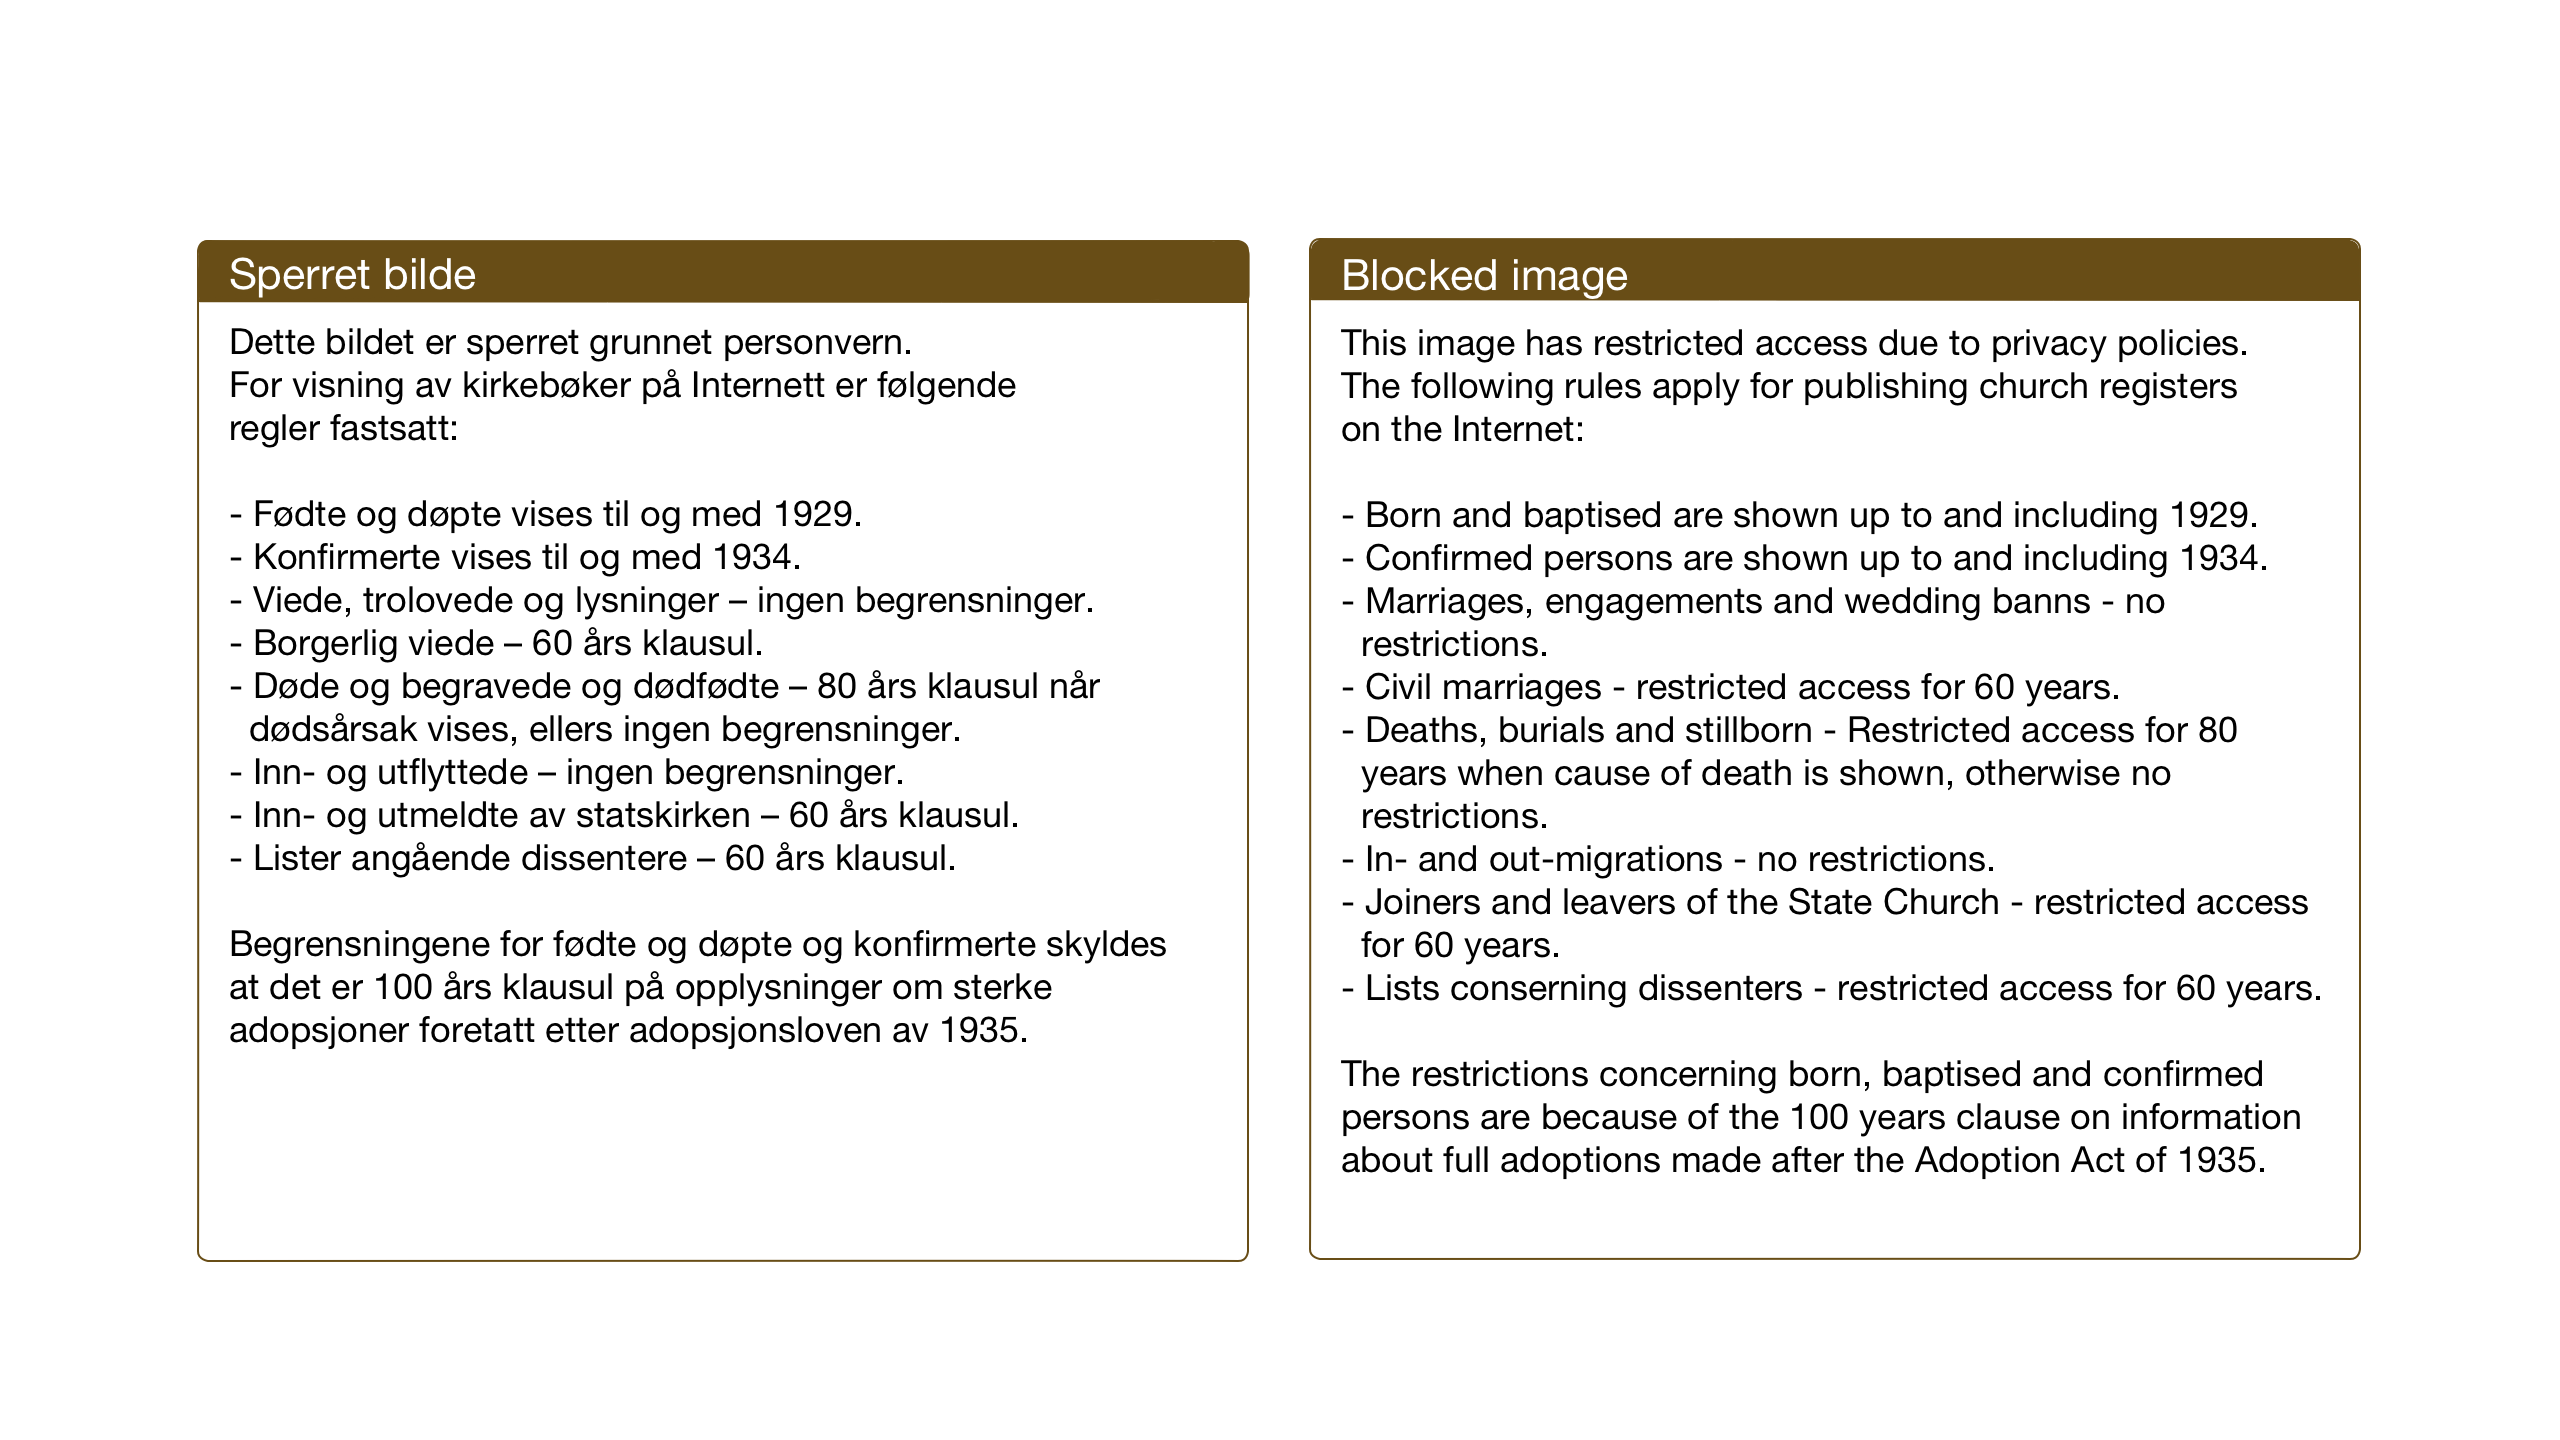 SAT, Ministerialprotokoller, klokkerbøker og fødselsregistre - Sør-Trøndelag, 689/L1045: Klokkerbok nr. 689C04, 1923-1940, s. 48